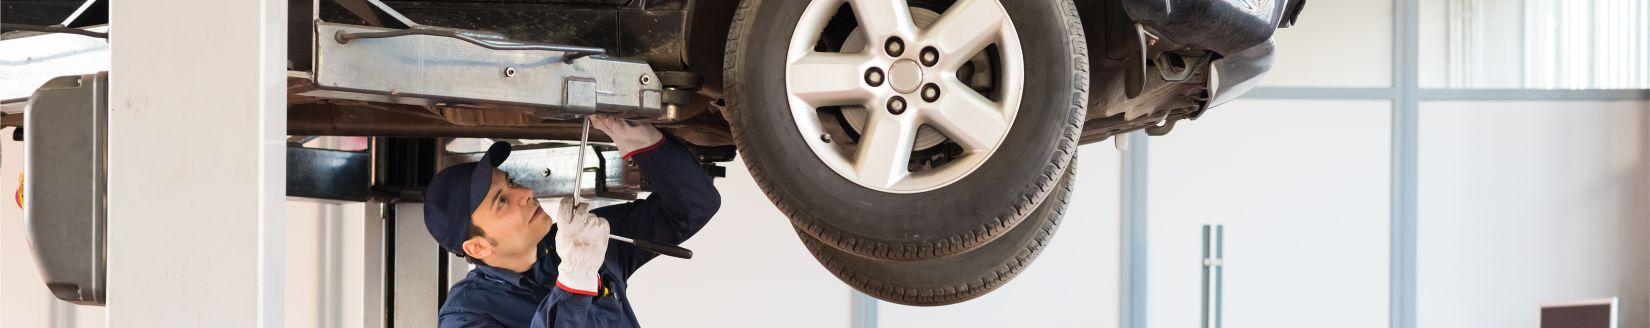 Car Mechanic Working Underneath a Car